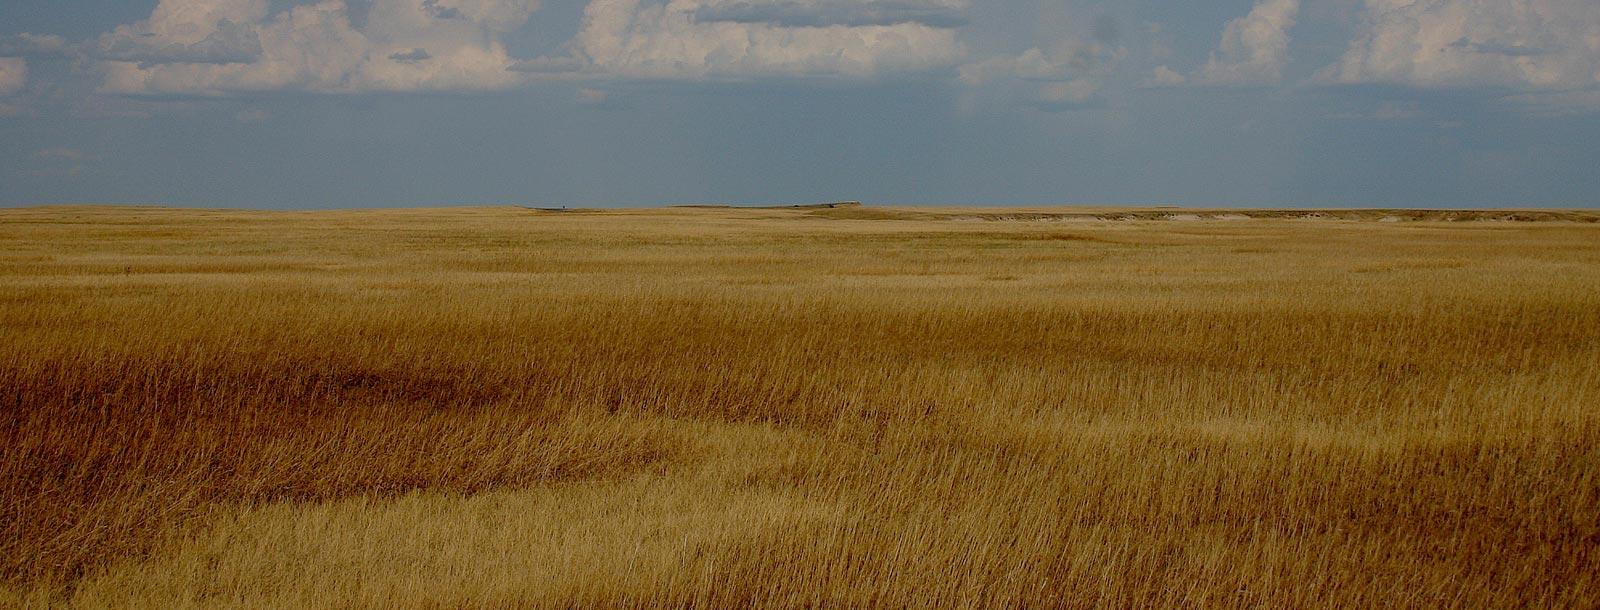 1600x610_prairies3